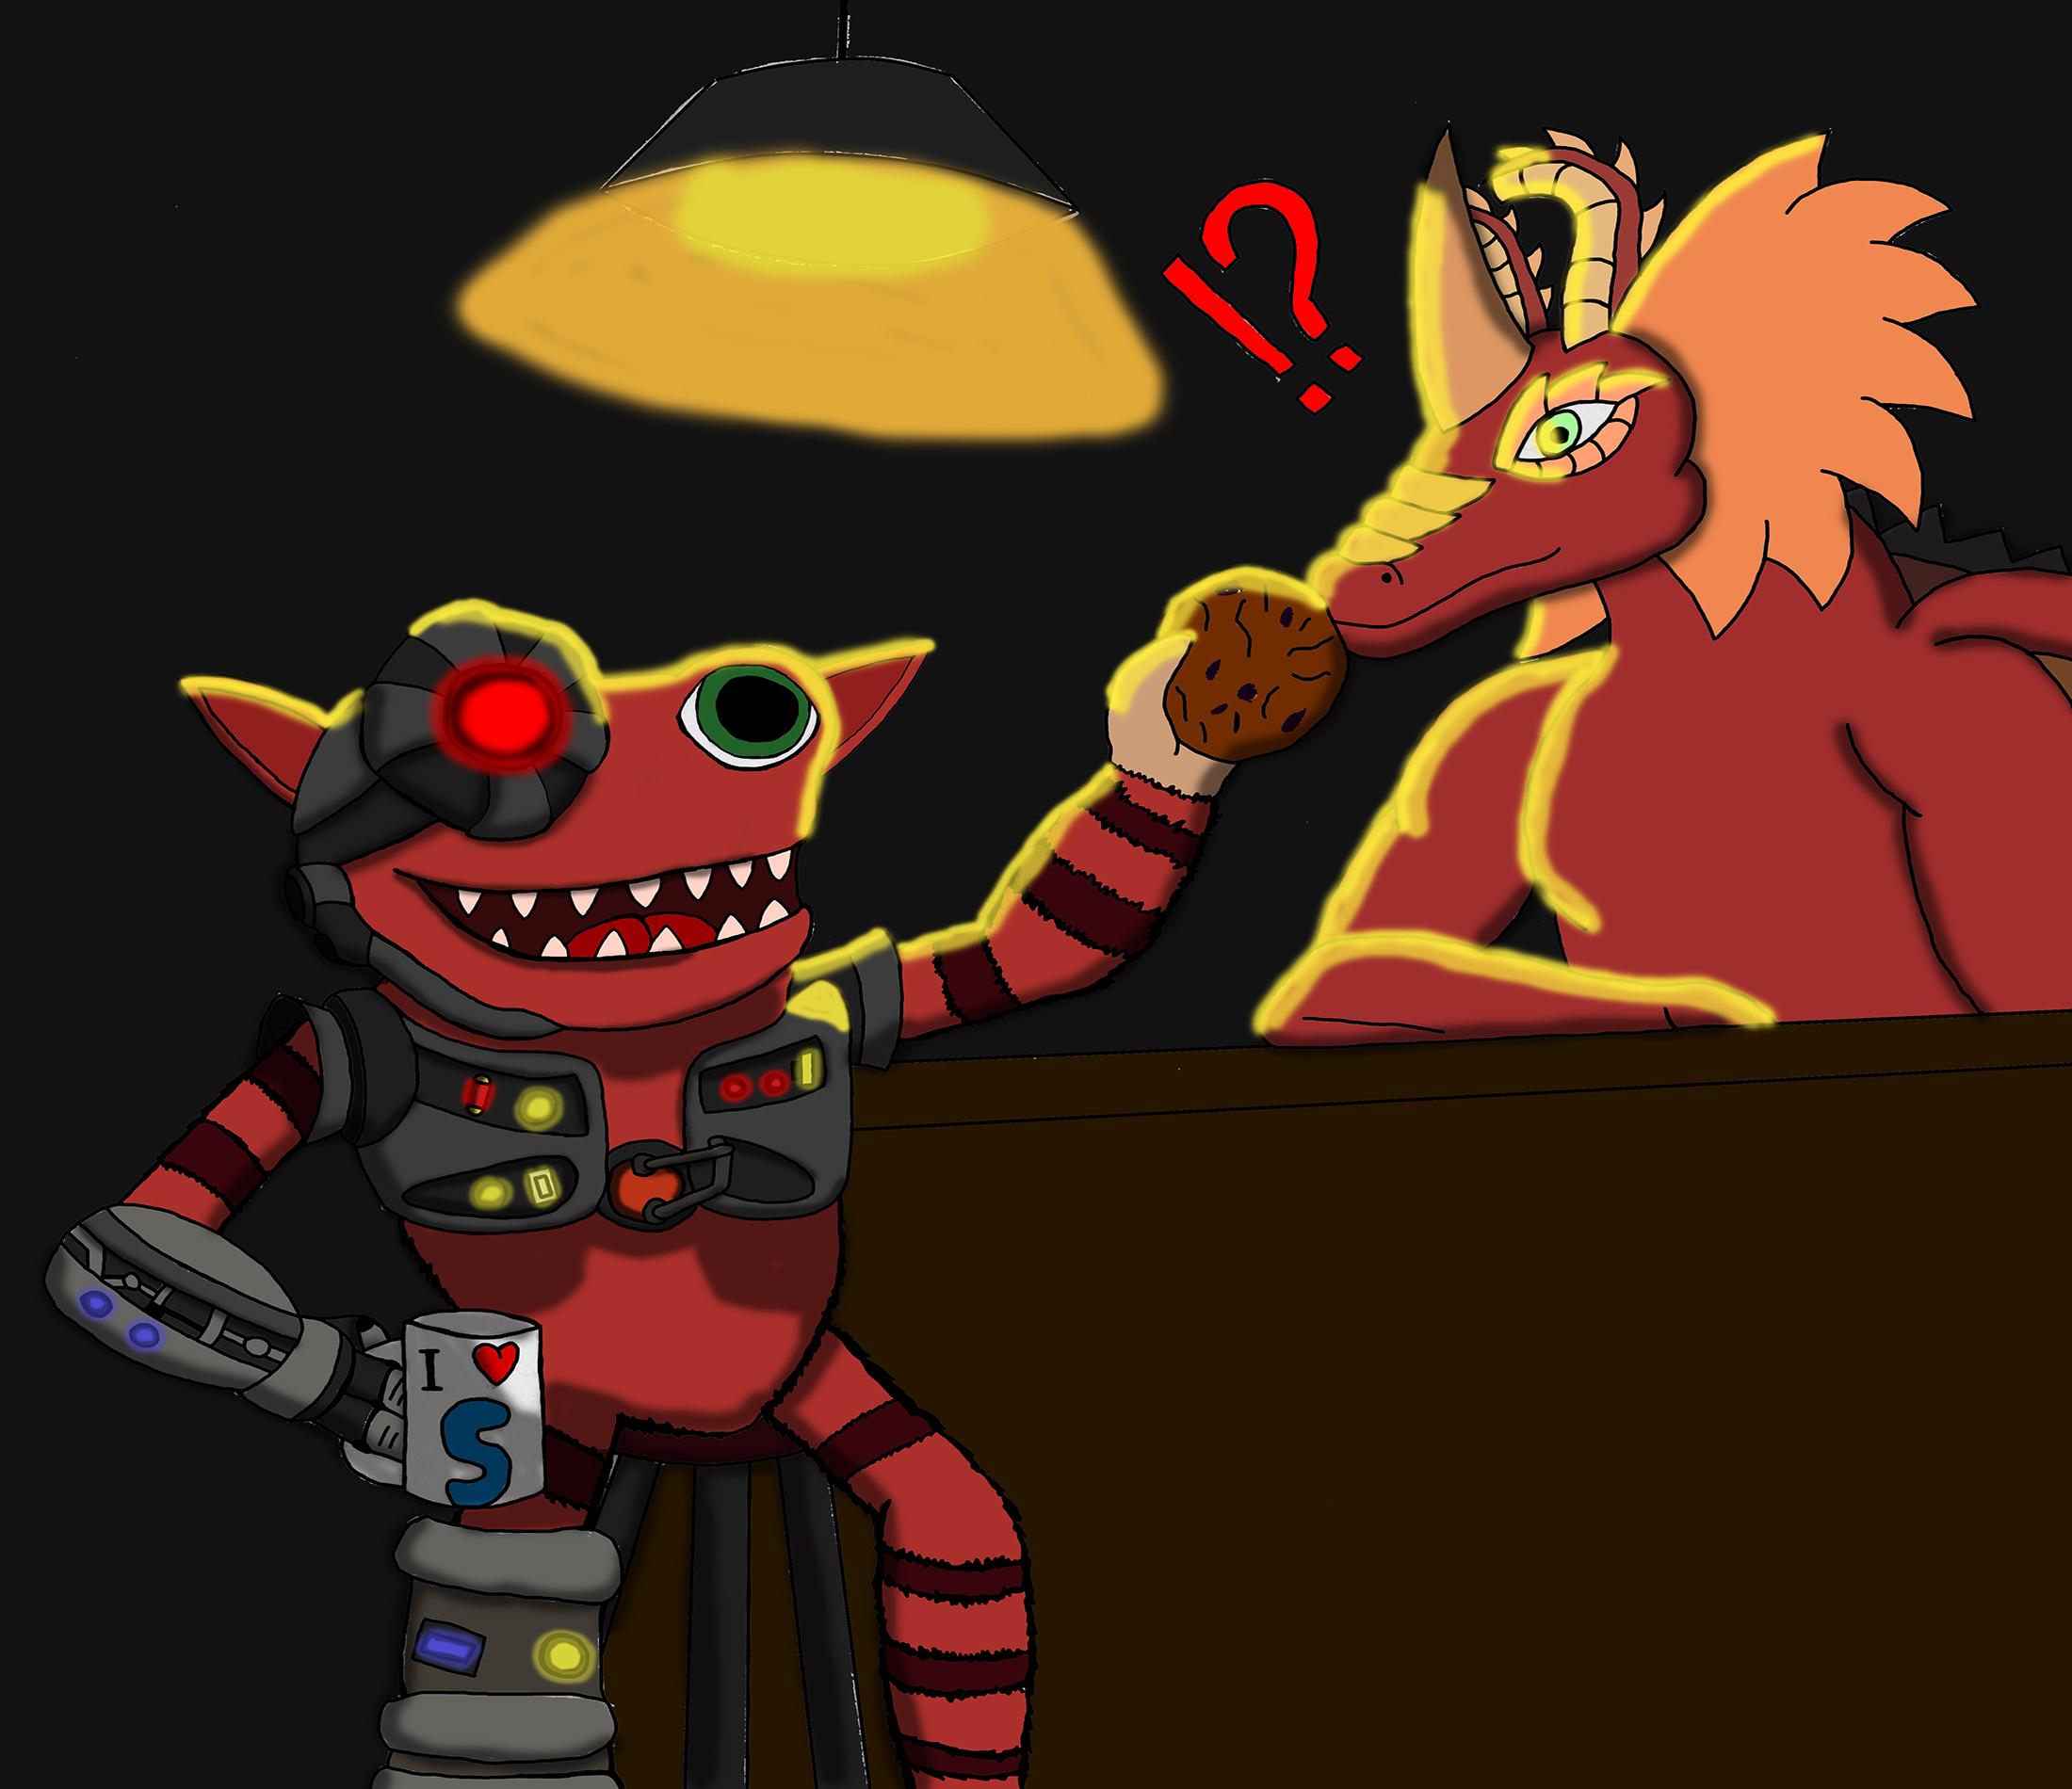 Bar, Dragon, Grox! - -